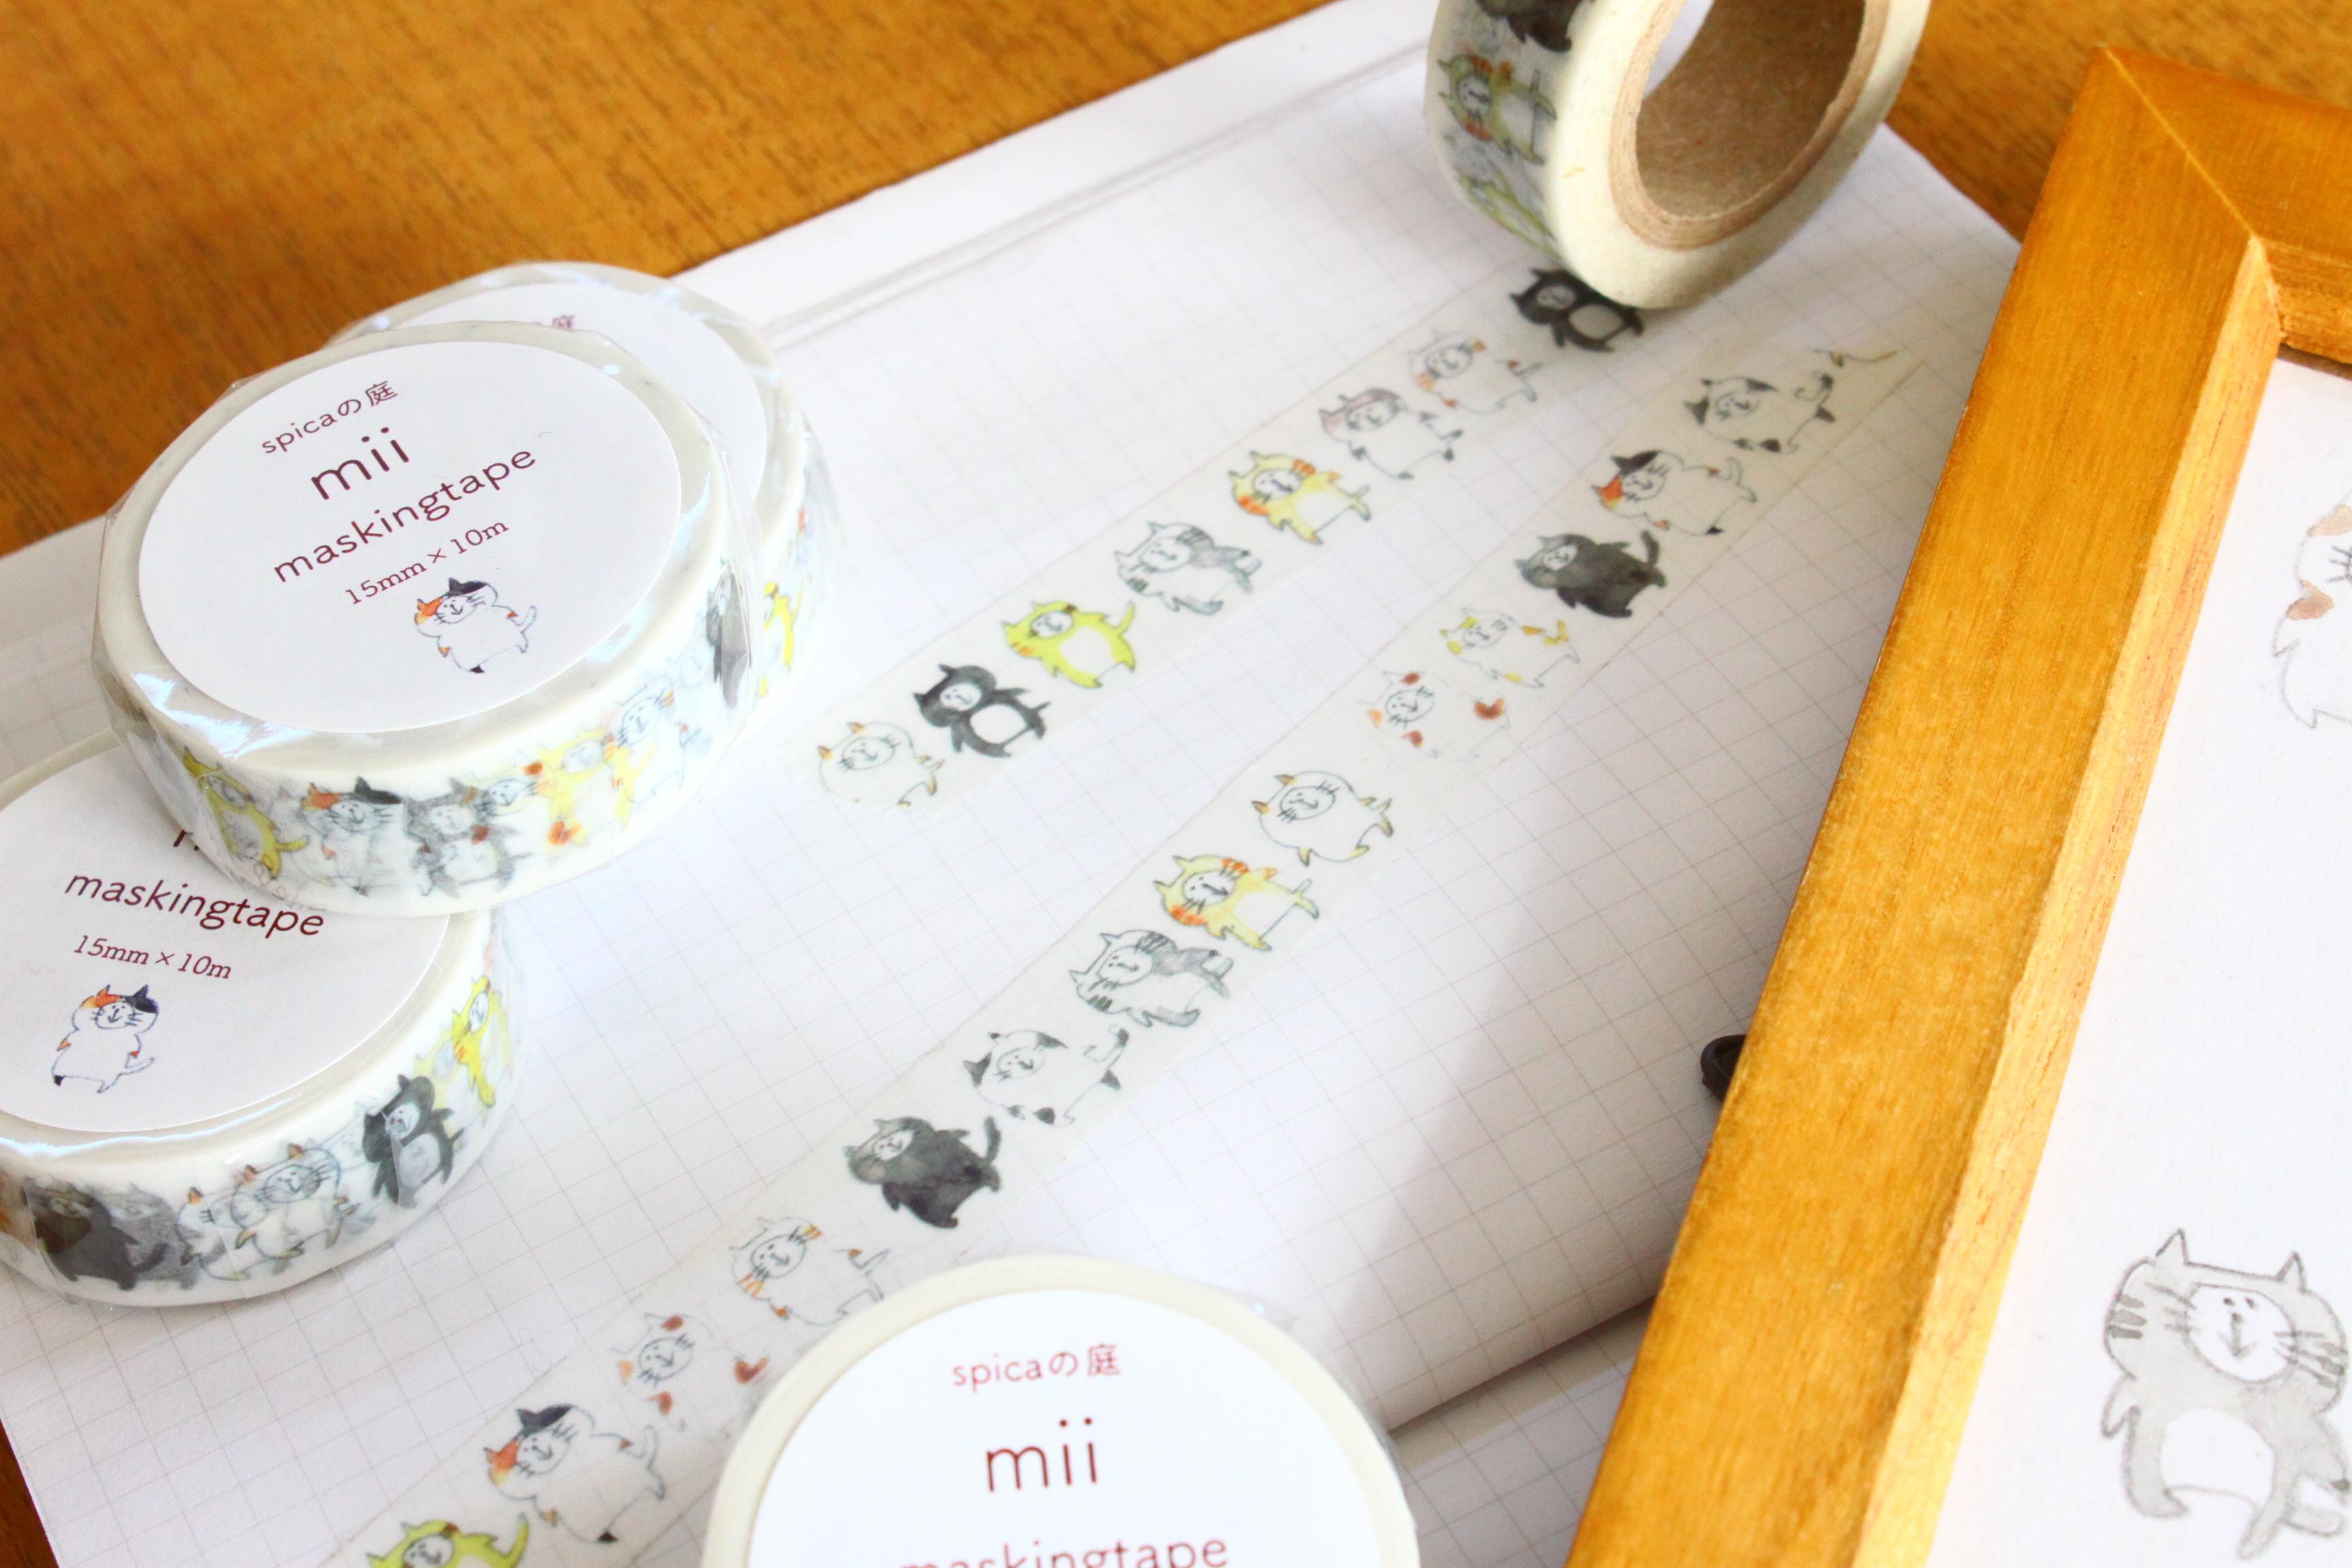 miiちゃん マスキングテープ